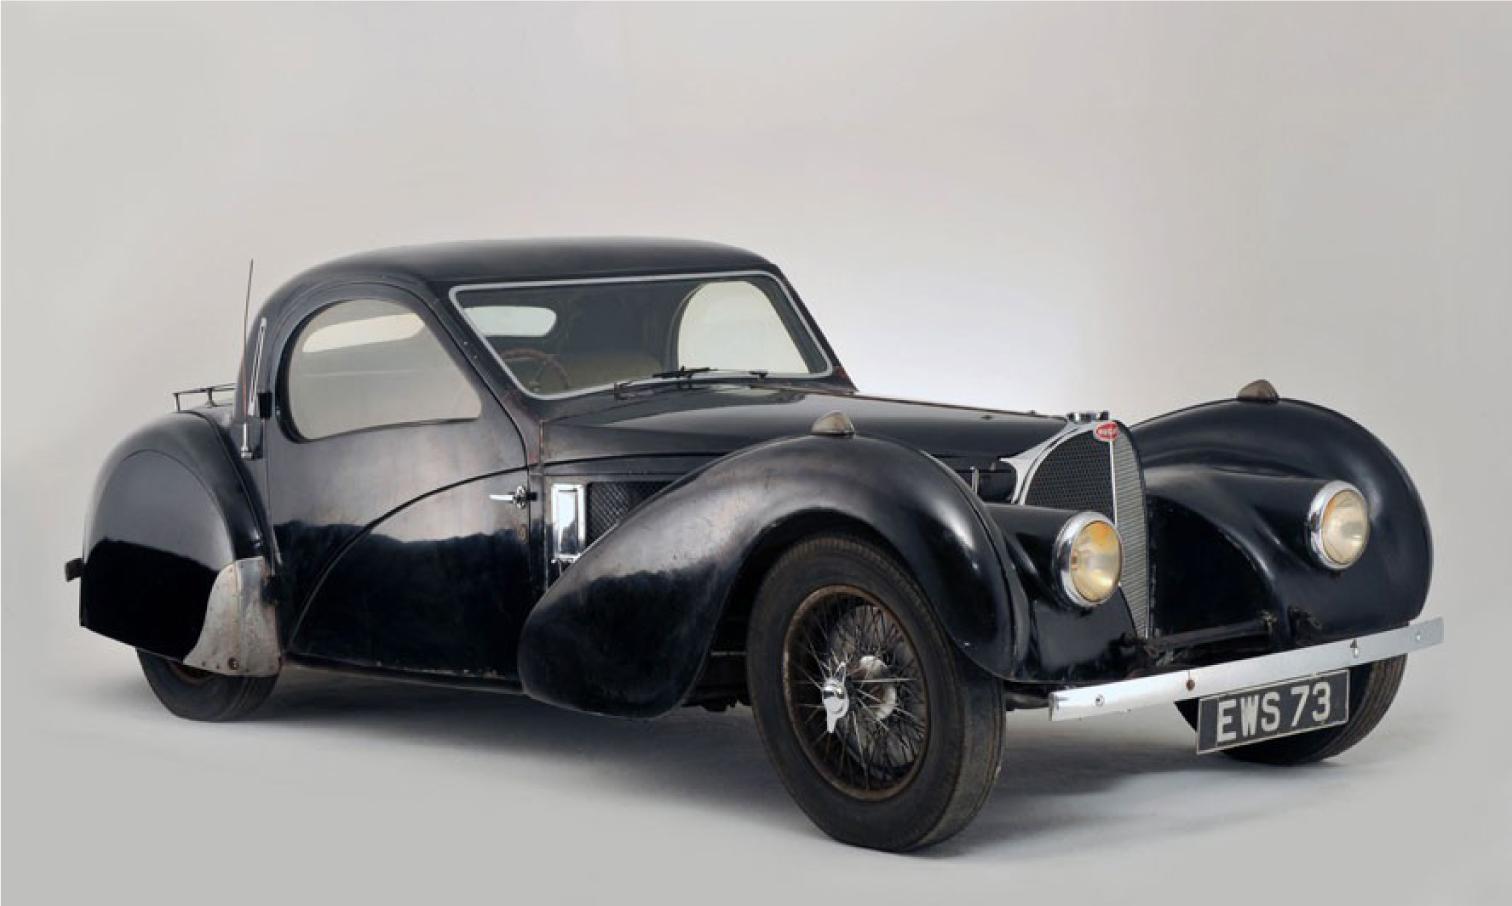 classic-car celebration in